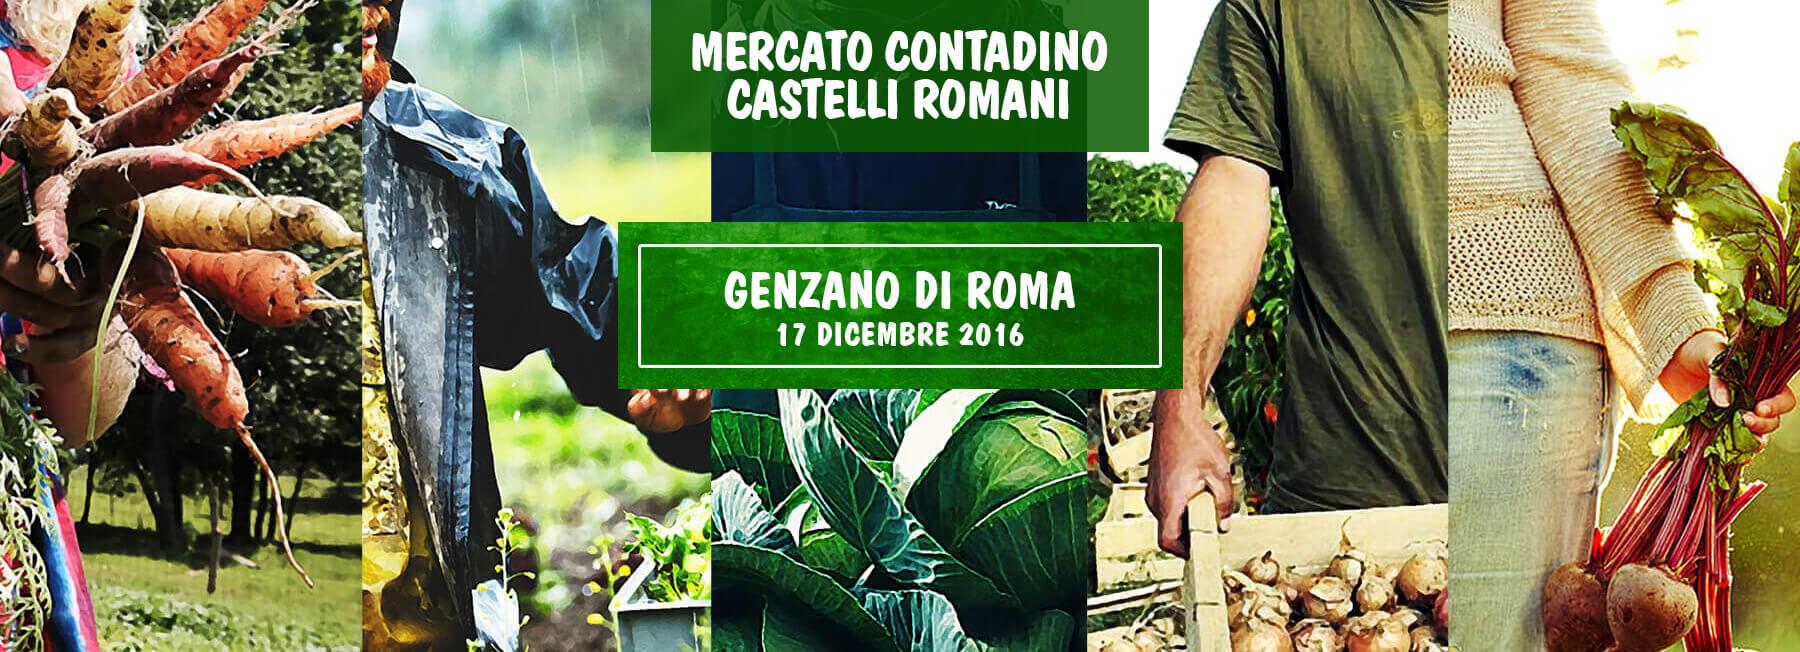 genzano_di_roma_evento_fb-1